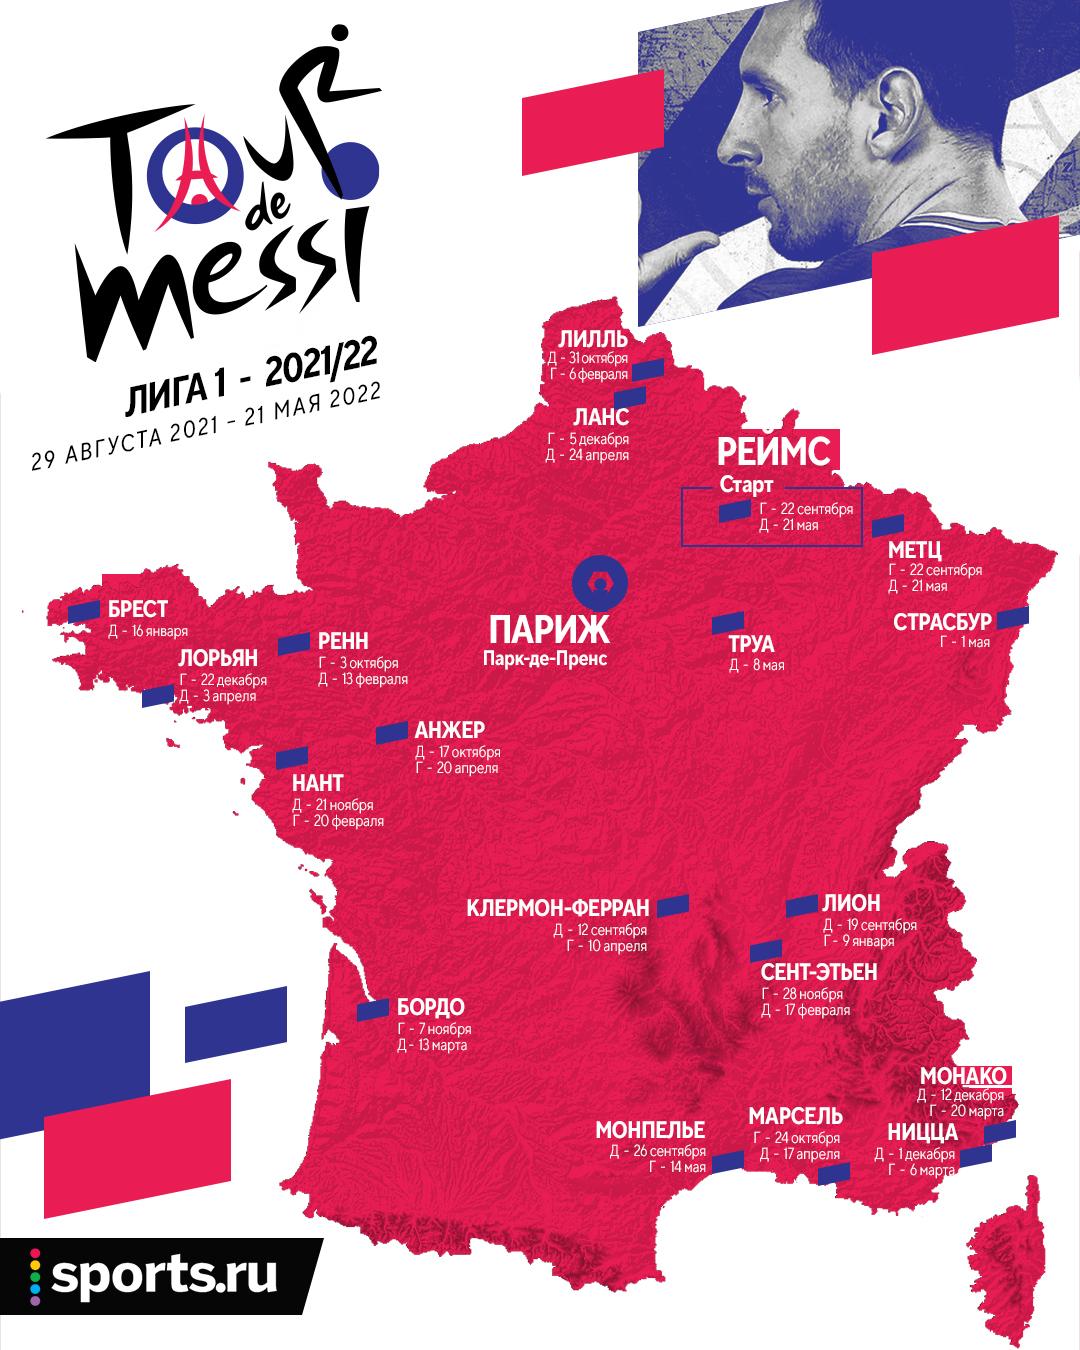 Скорее всего, путь Месси во Франции начнется уже сегодня. Мы подготовили для Лео путеводитель по соперникам в лиге